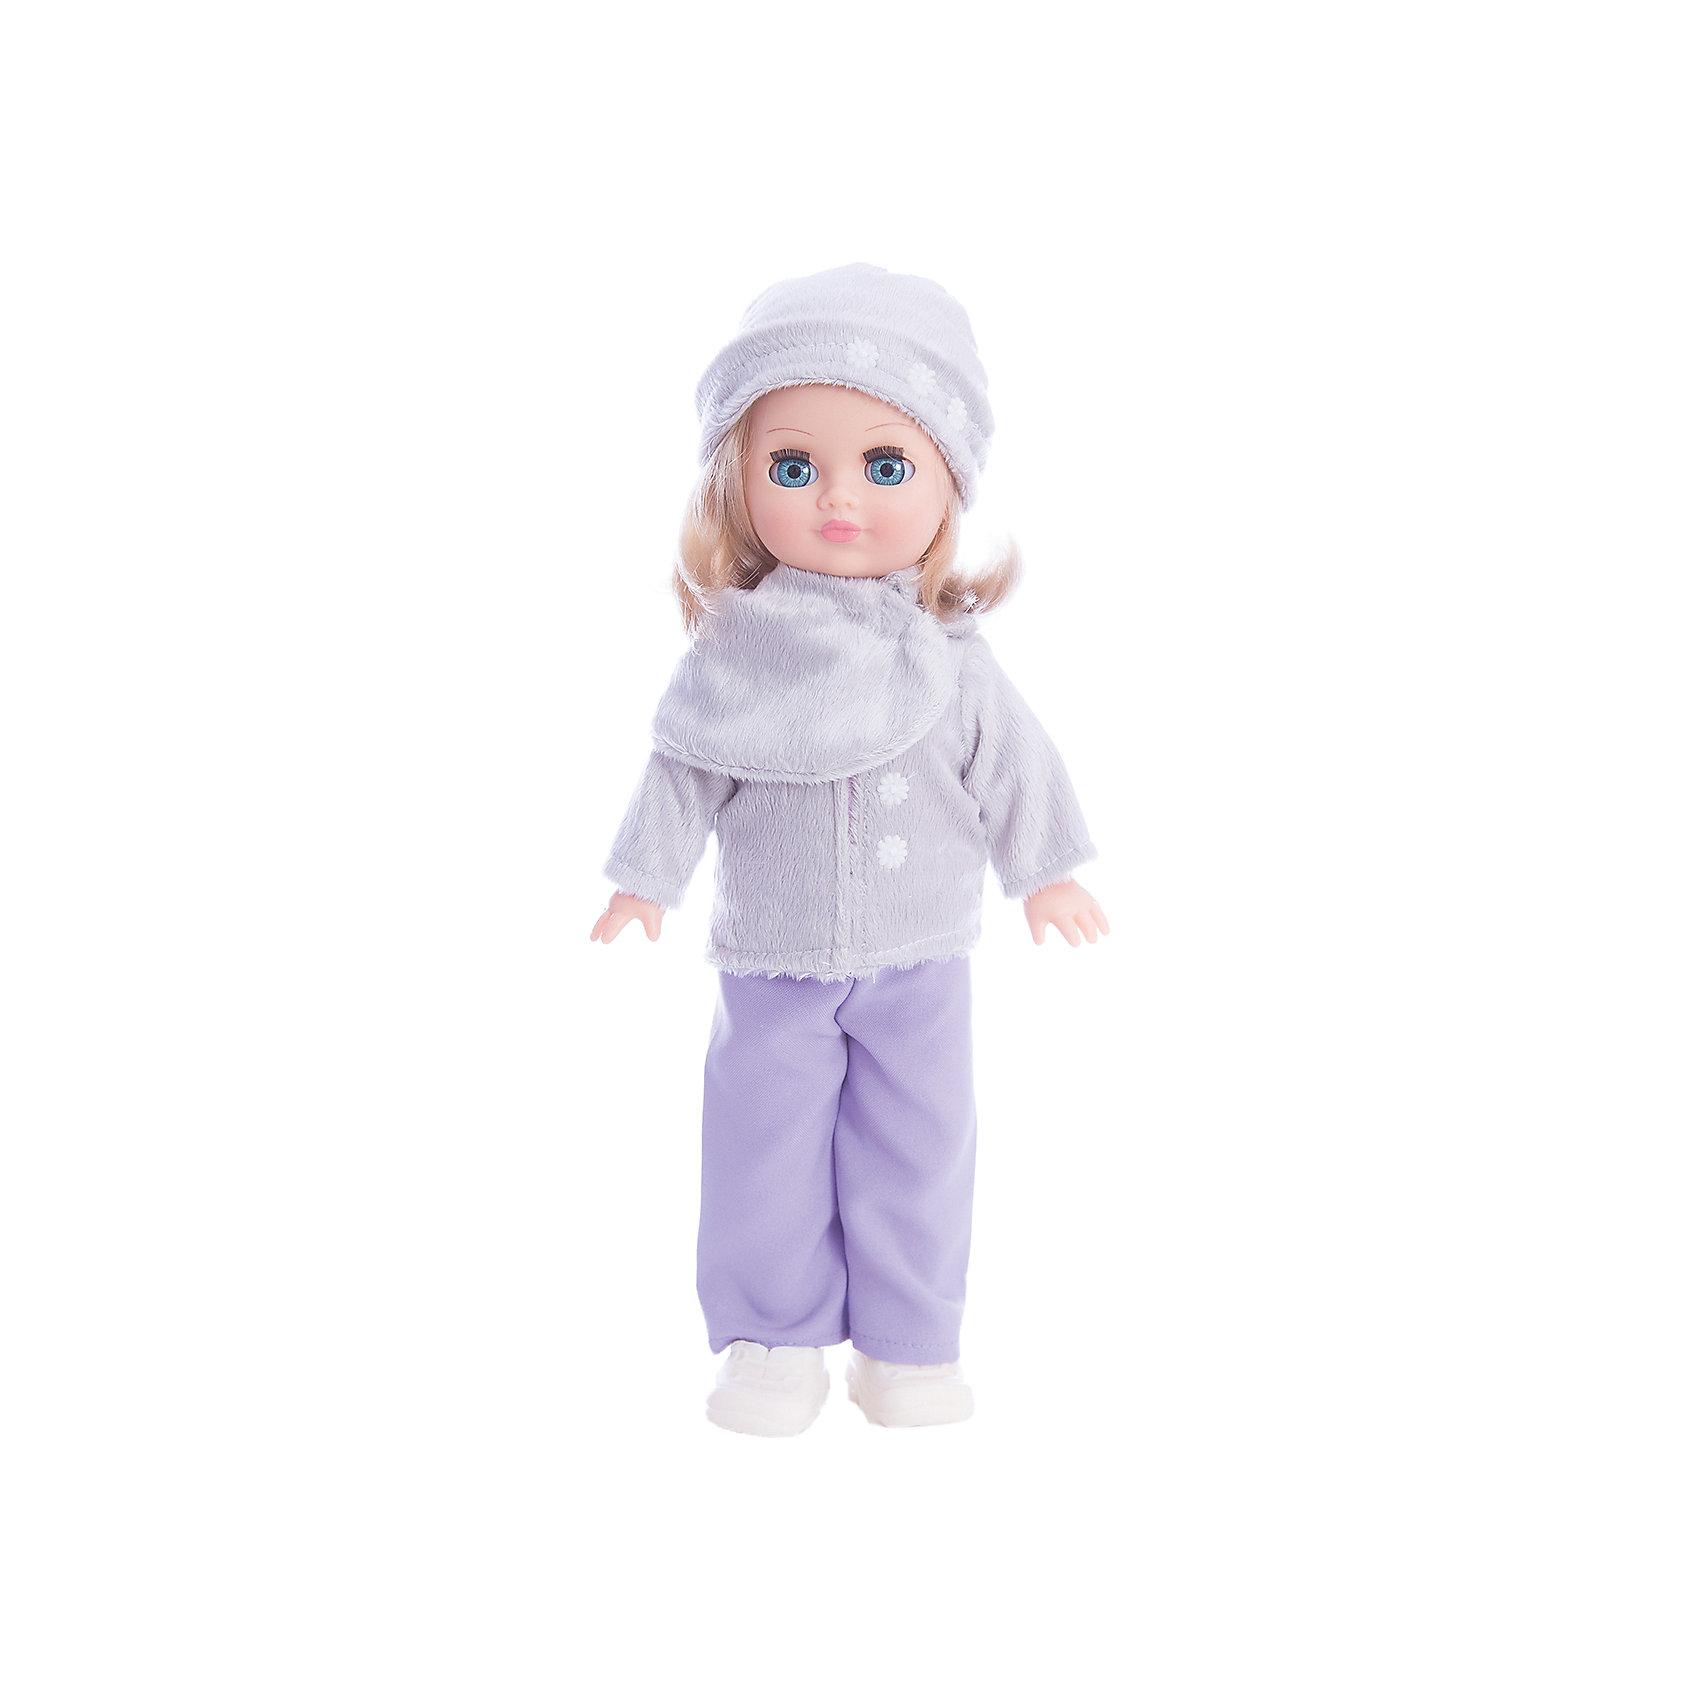 Кукла Маргарита 8, со звуком, 40 см, ВеснаКлассические куклы<br>Игрушки от компании Весна - это простой способ порадовать ребенка! Кукла для девочки - это не только игрушка, с которой можно весело провести время, кукла - это возможность отрабатывать навыки поведения в обществе, учиться заботе о других, делать прически и одеваться согласно моде и поводу.<br>Эта красивая классическая кукла не только эффектно выглядит, она дополнена звуковым модулем! Игрушка модно одета и снабжена аксессуарами. Такая кукла запросто может стать самой любимой игрушкой! Произведена из безопасных для ребенка и качественных материалов.<br><br>Дополнительная информация:<br><br>цвет: разноцветный;<br>материал: пластик, текстиль;<br>комплектация: кукла, одежда, аксессуары;<br>высота: 40 см.<br><br>Куклу Маргарита 8, со звуком, 40 см, от компании Весна можно купить в нашем магазине.<br><br>Ширина мм: 430<br>Глубина мм: 240<br>Высота мм: 430<br>Вес г: 810<br>Возраст от месяцев: 36<br>Возраст до месяцев: 120<br>Пол: Женский<br>Возраст: Детский<br>SKU: 4642017